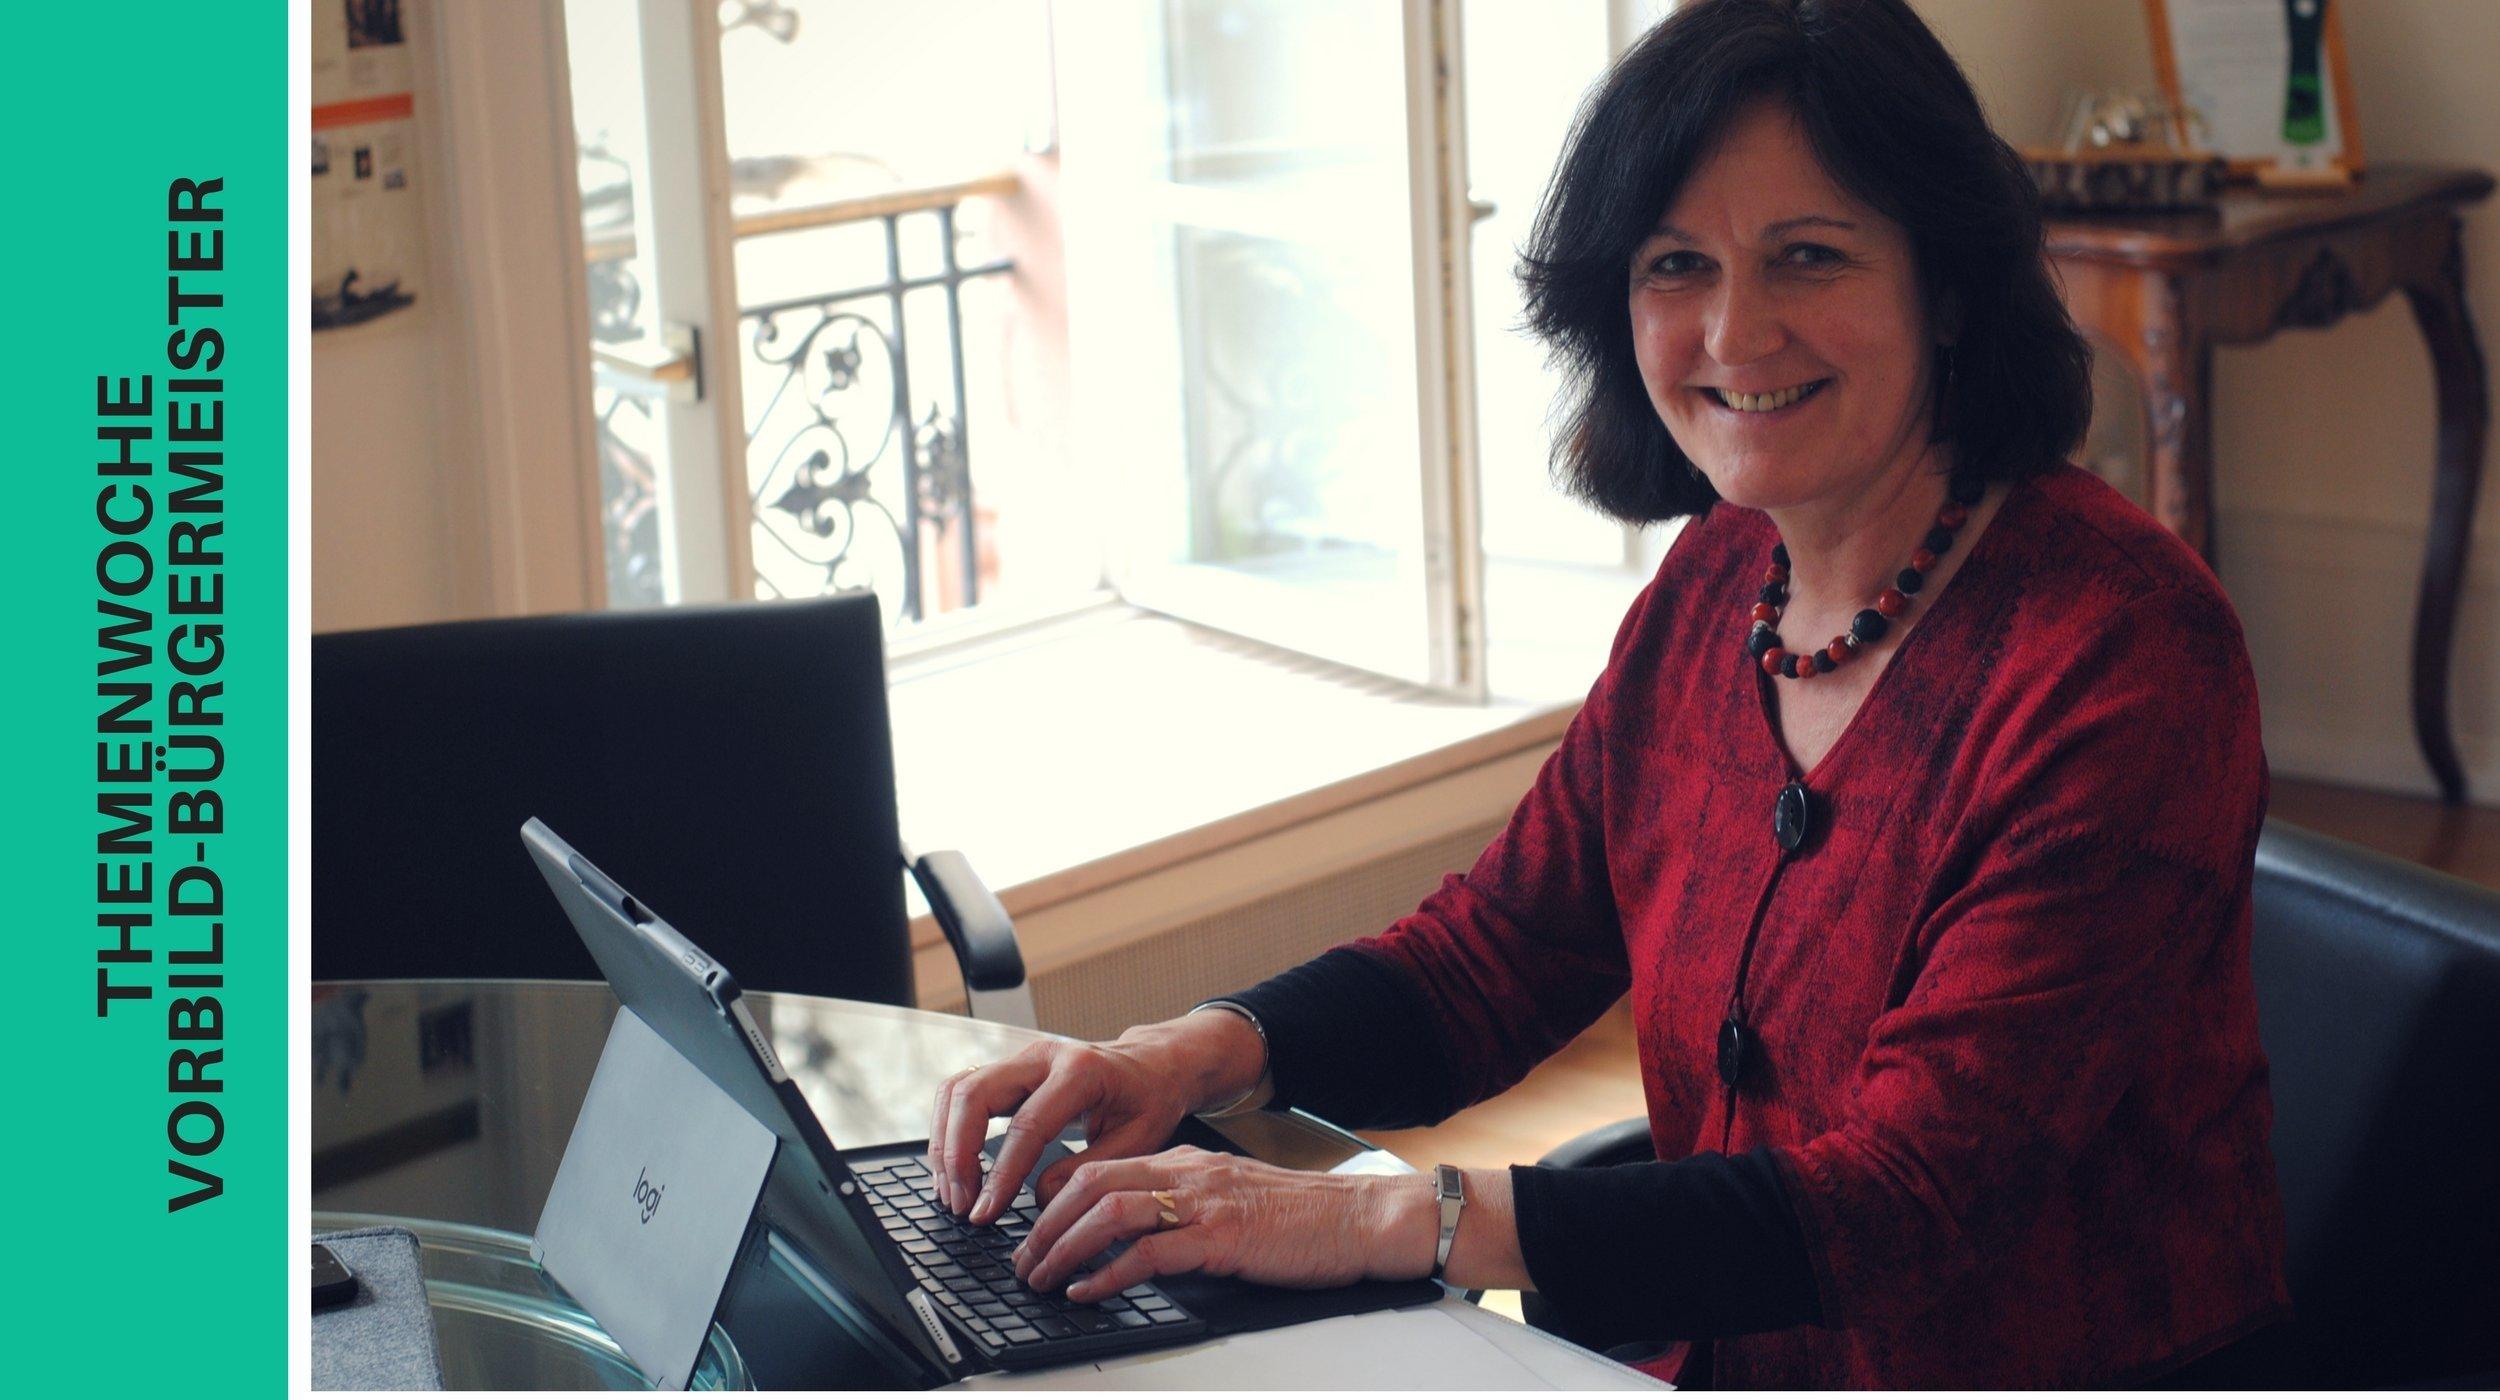 Wie Baden-Badens Oberbürgermeisterin es schafft, dass ihre Bürger mehr zu sagen haben – und so auch zufriedener sind